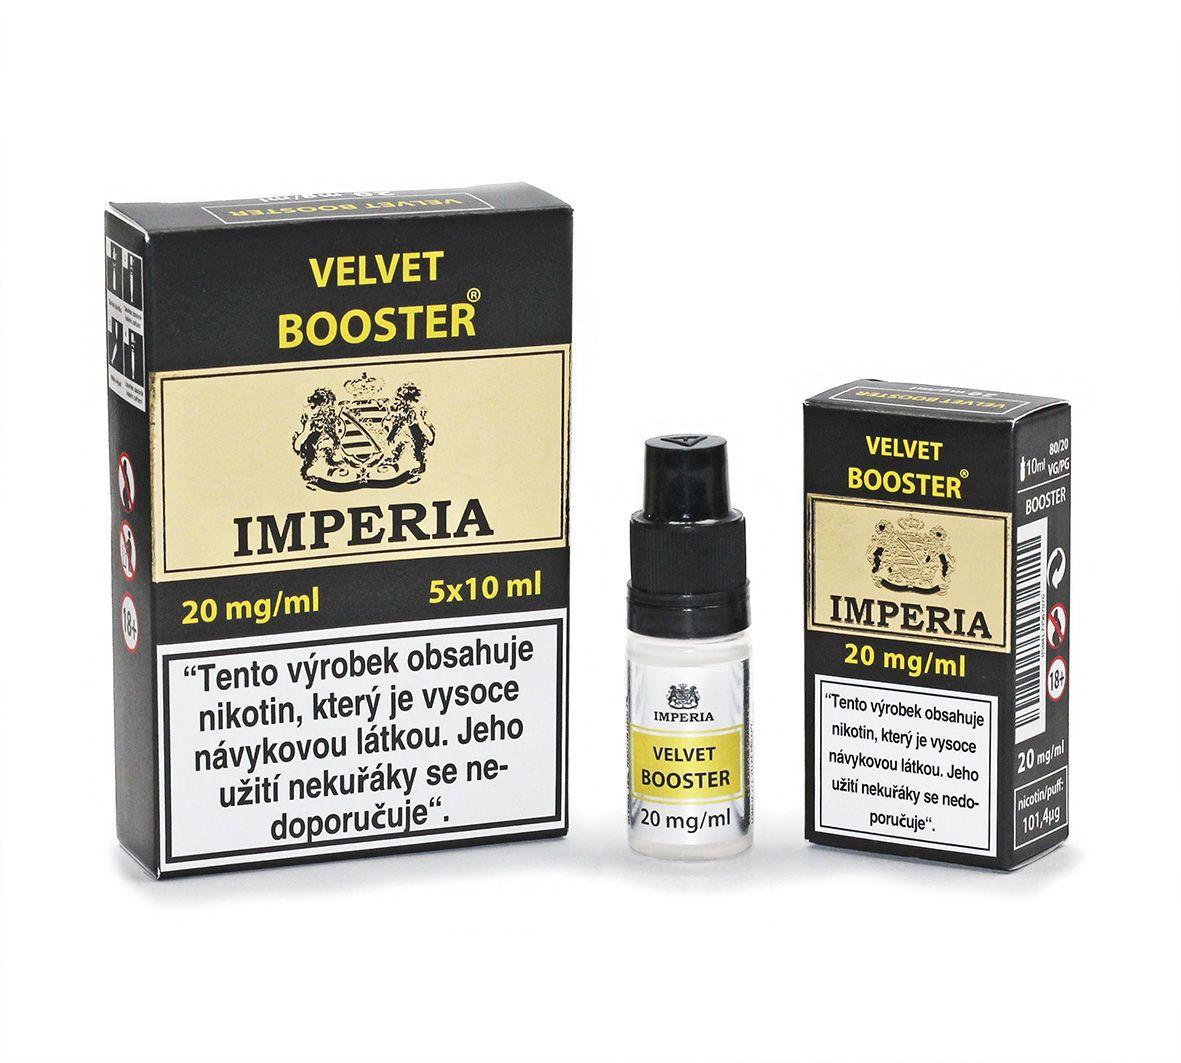 IMPERIA Velvet Booster 20mg - 5x10ml (20PG/80VG) Boudoir Samadhi s.r.o.